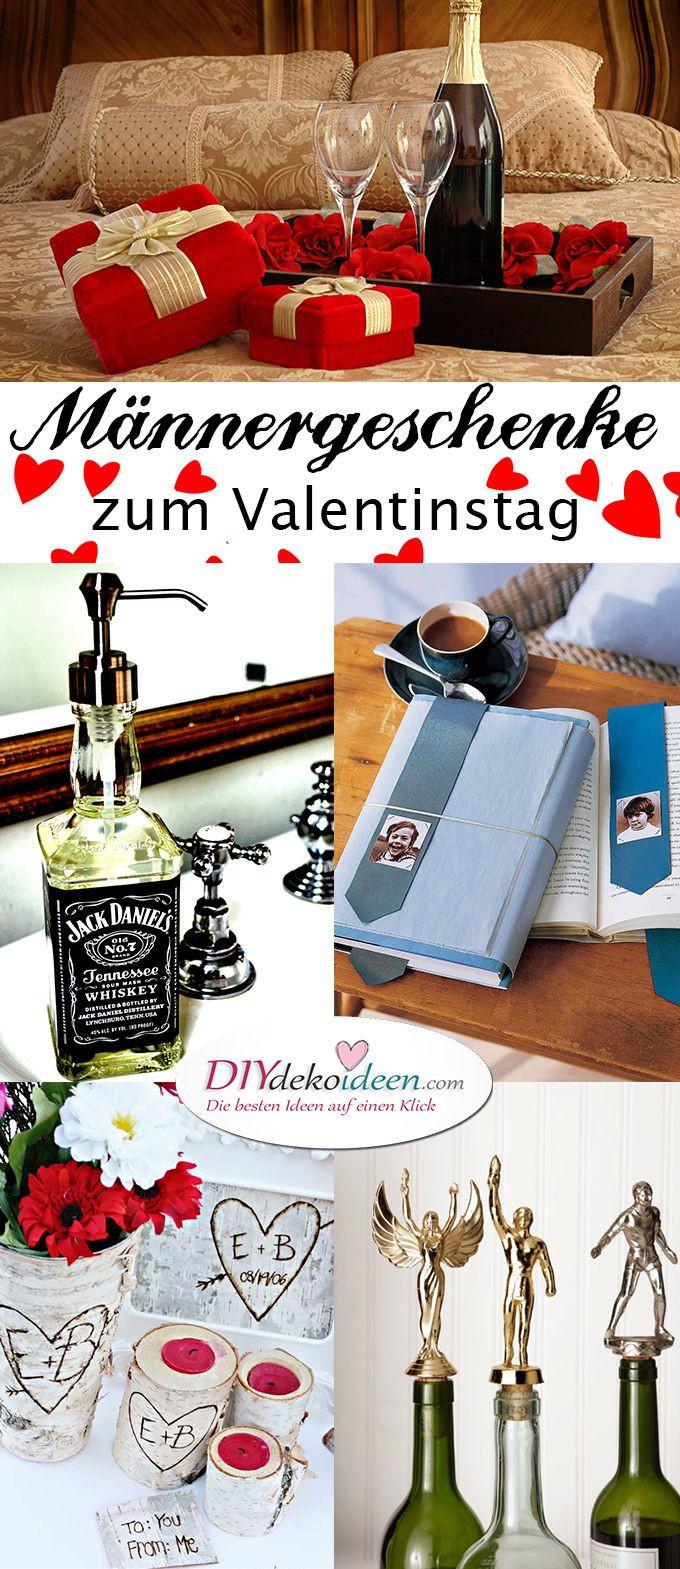 Diy Für Männer  Männergeschenke zum Valentinstag DIY Bastelideen